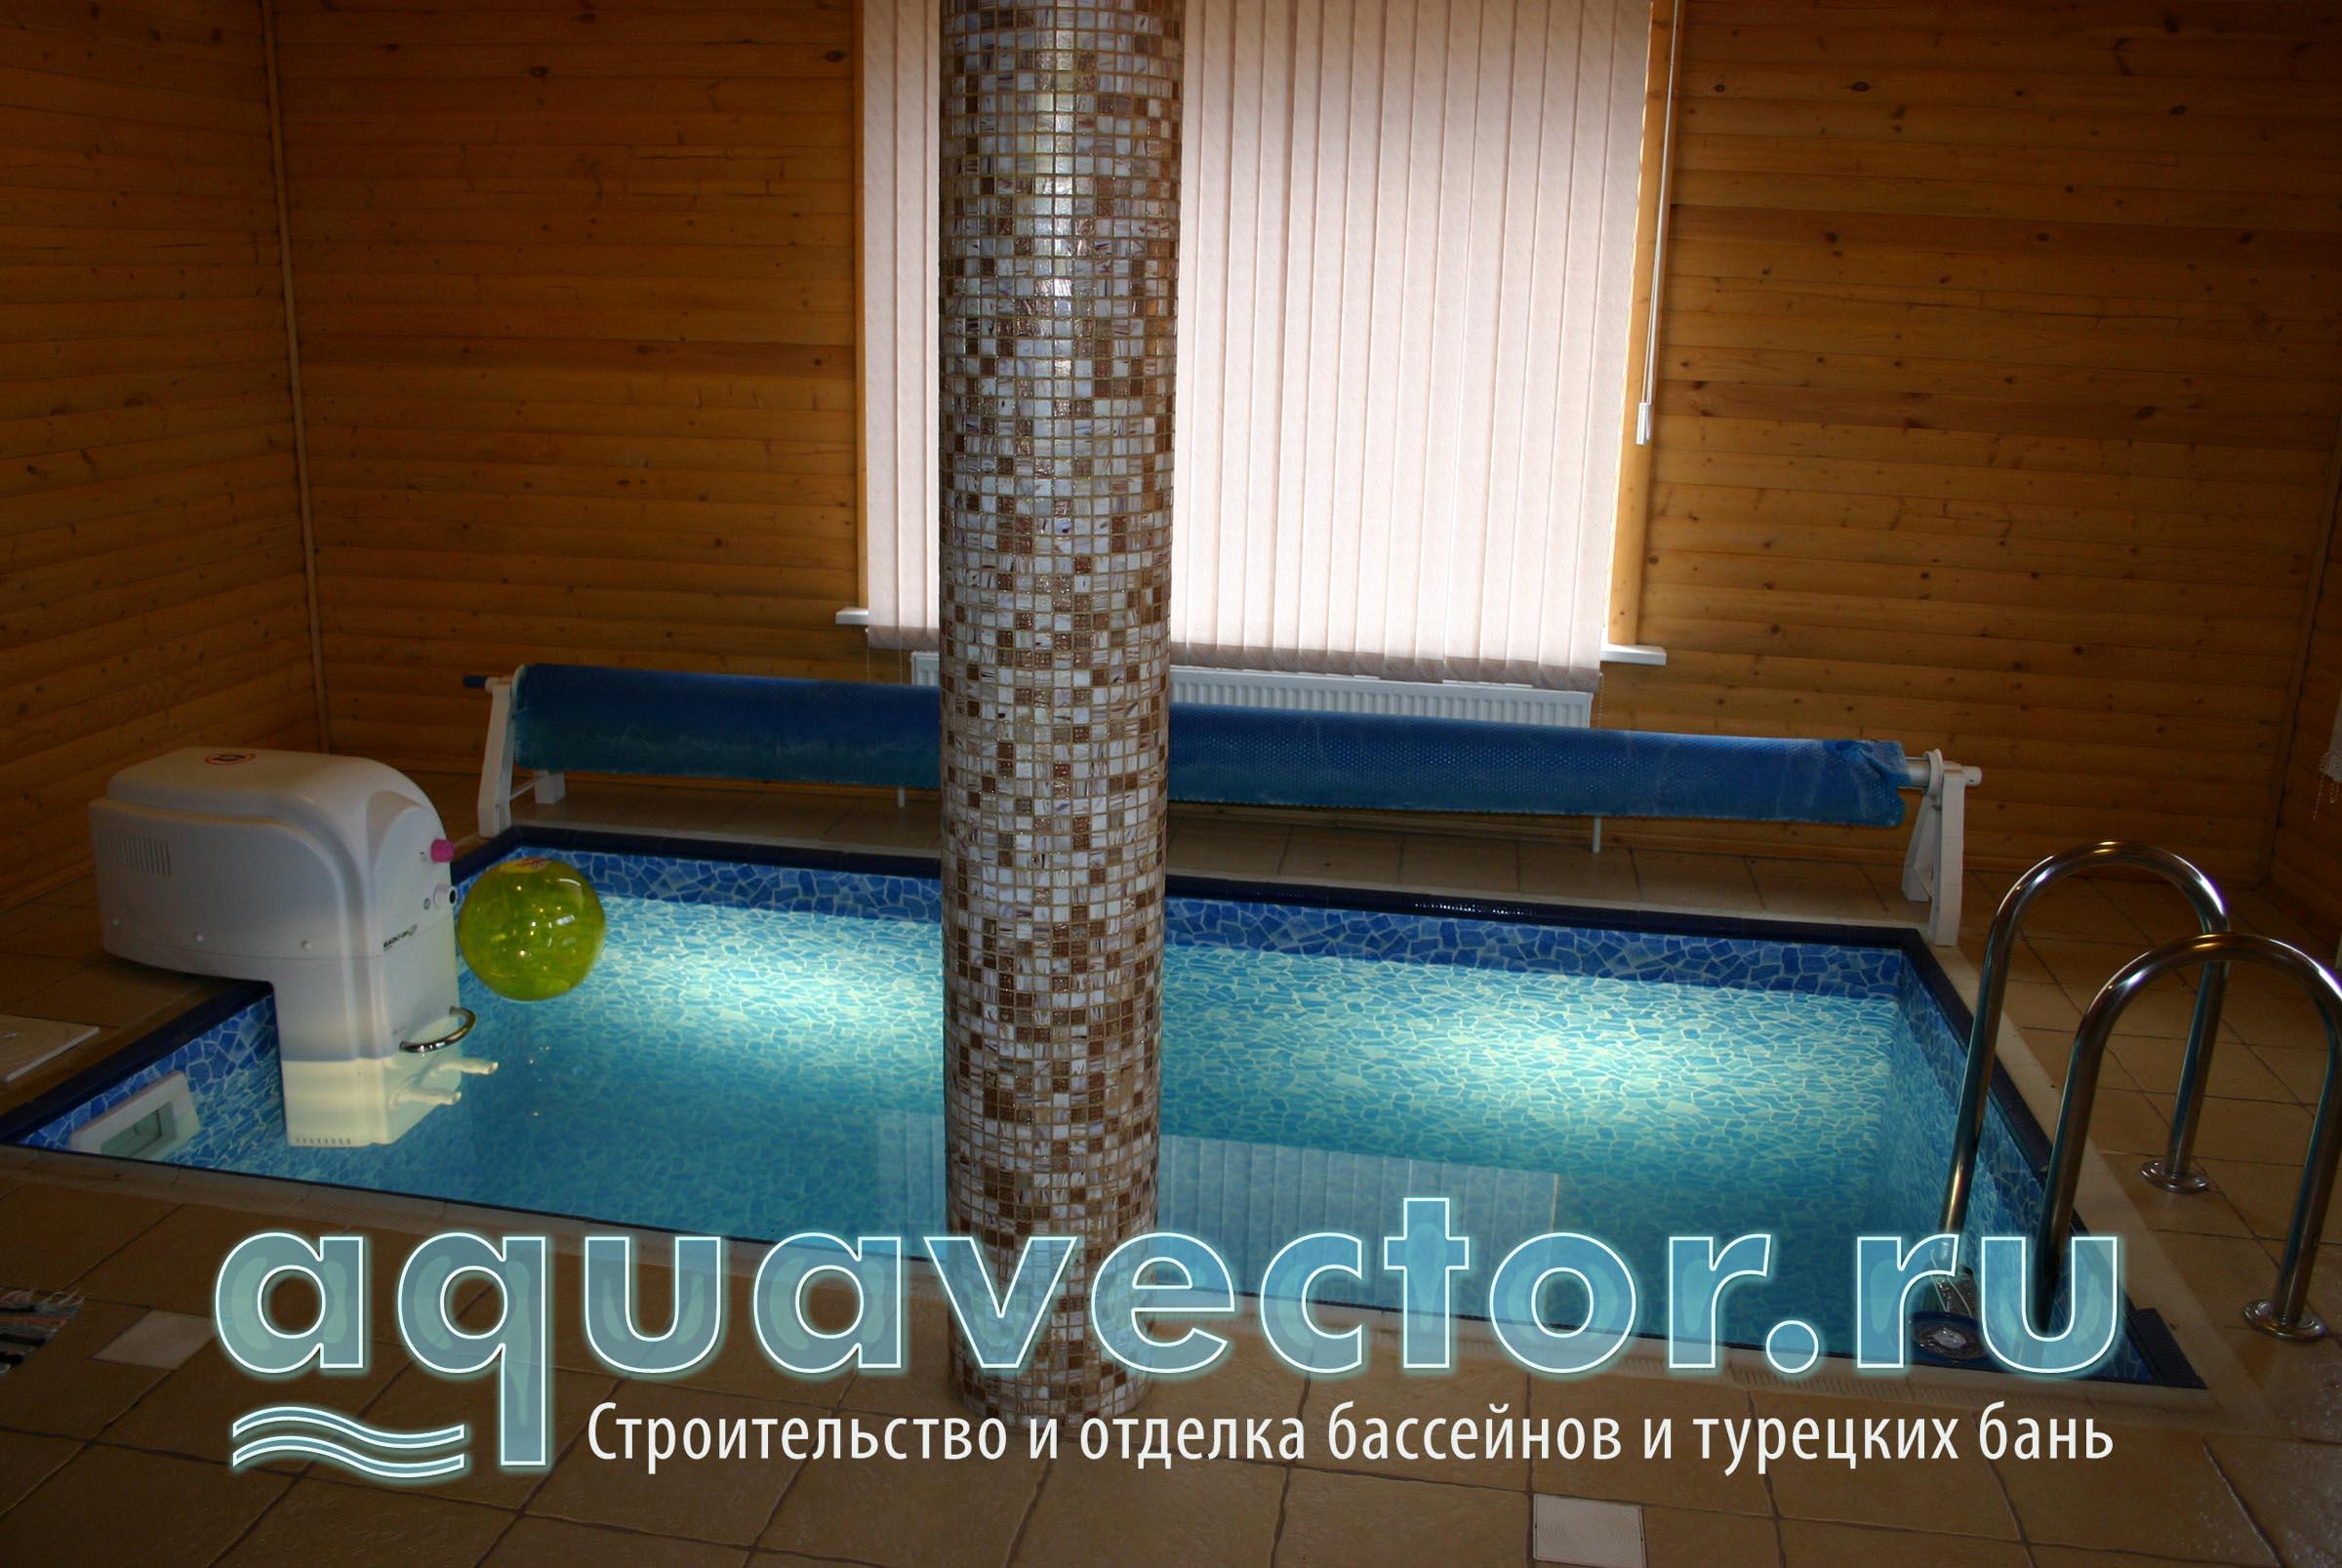 Навесной противоток в небольшом бассейне